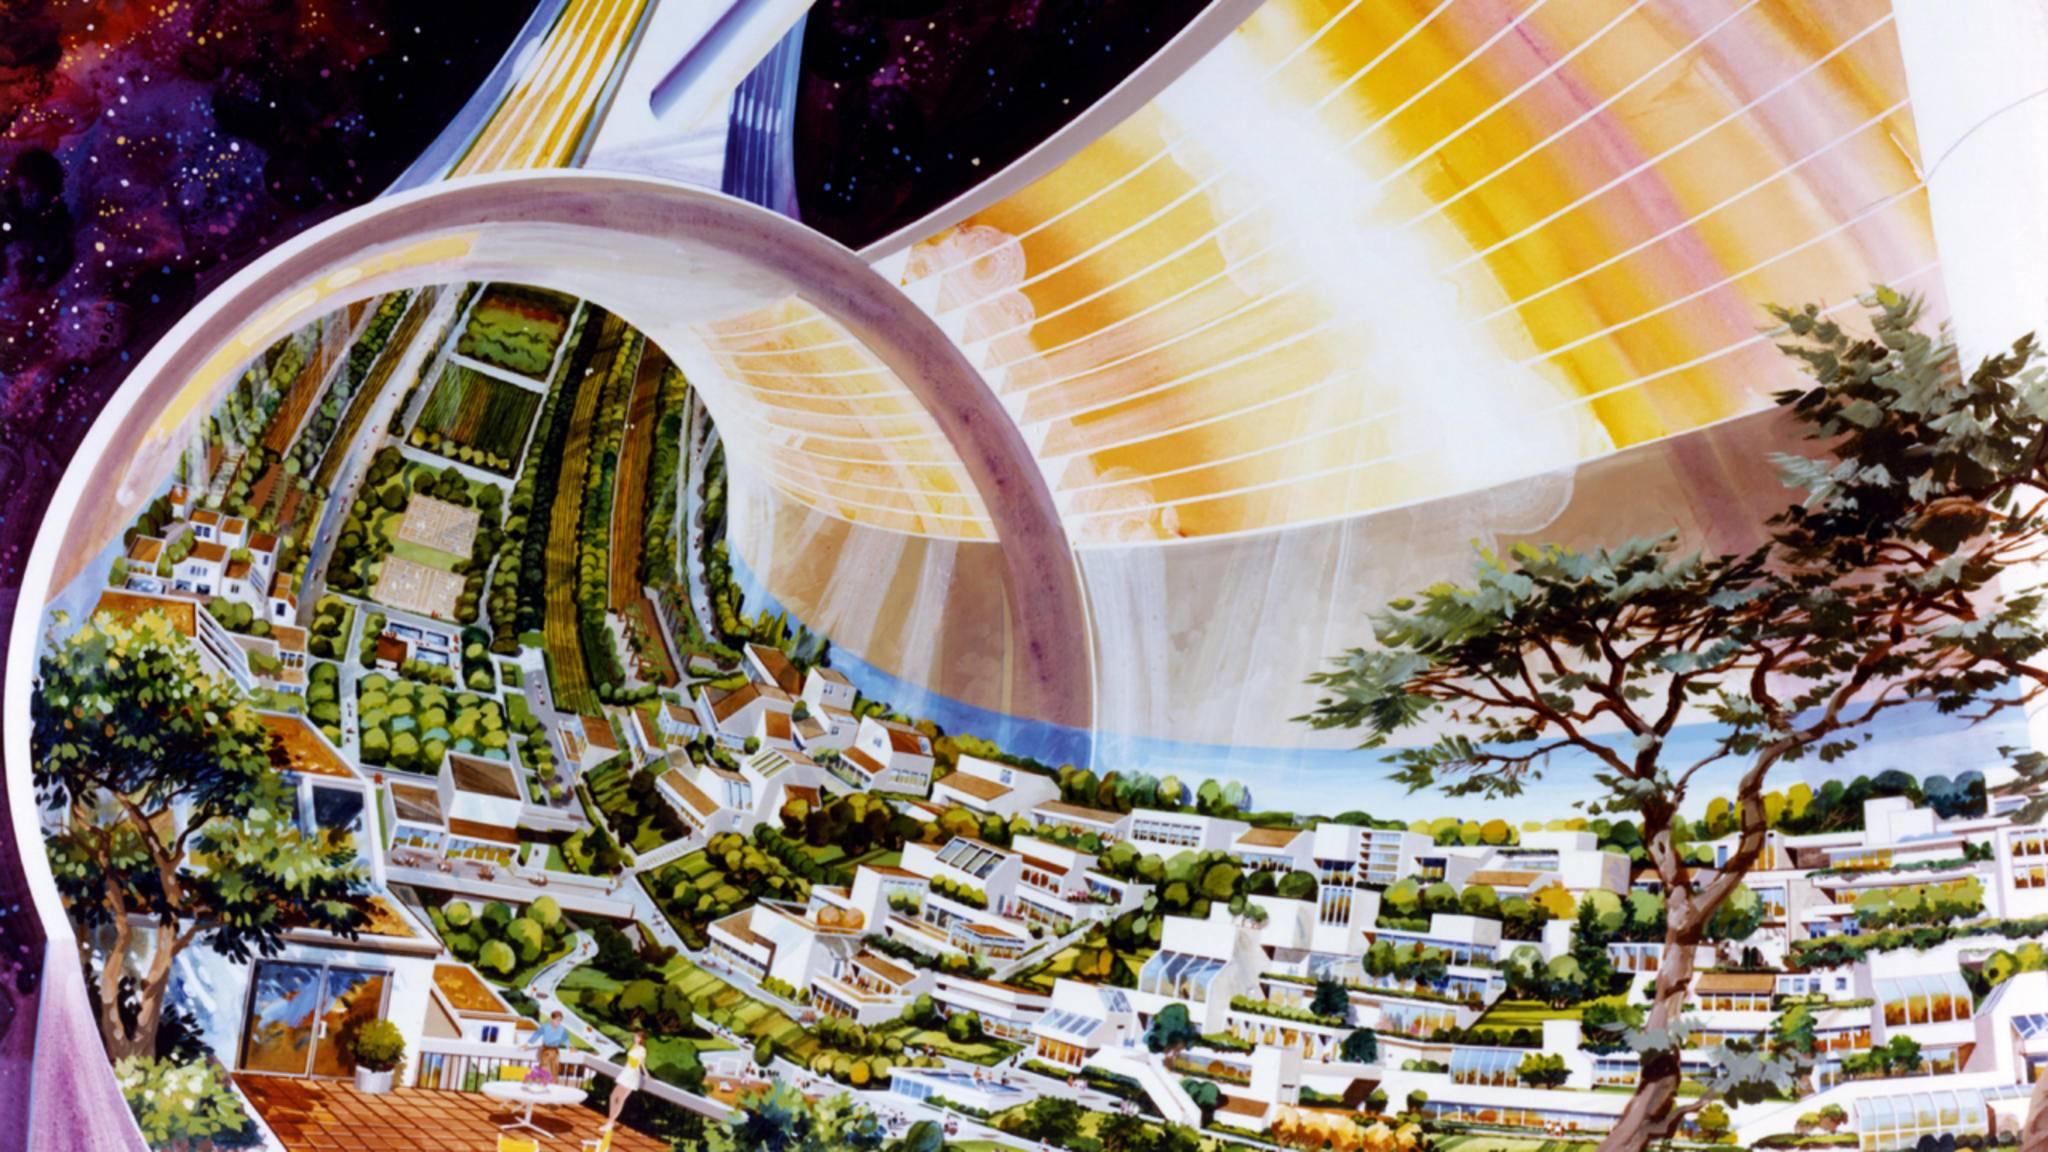 Weltraumschlauch: Die hypothetische Weltraumkolonie Stanford-Torus soll mittels künstlicher Schwerkraft einen erdähnlichen Lebensraum in Form eines schmalen Tals erhalten.